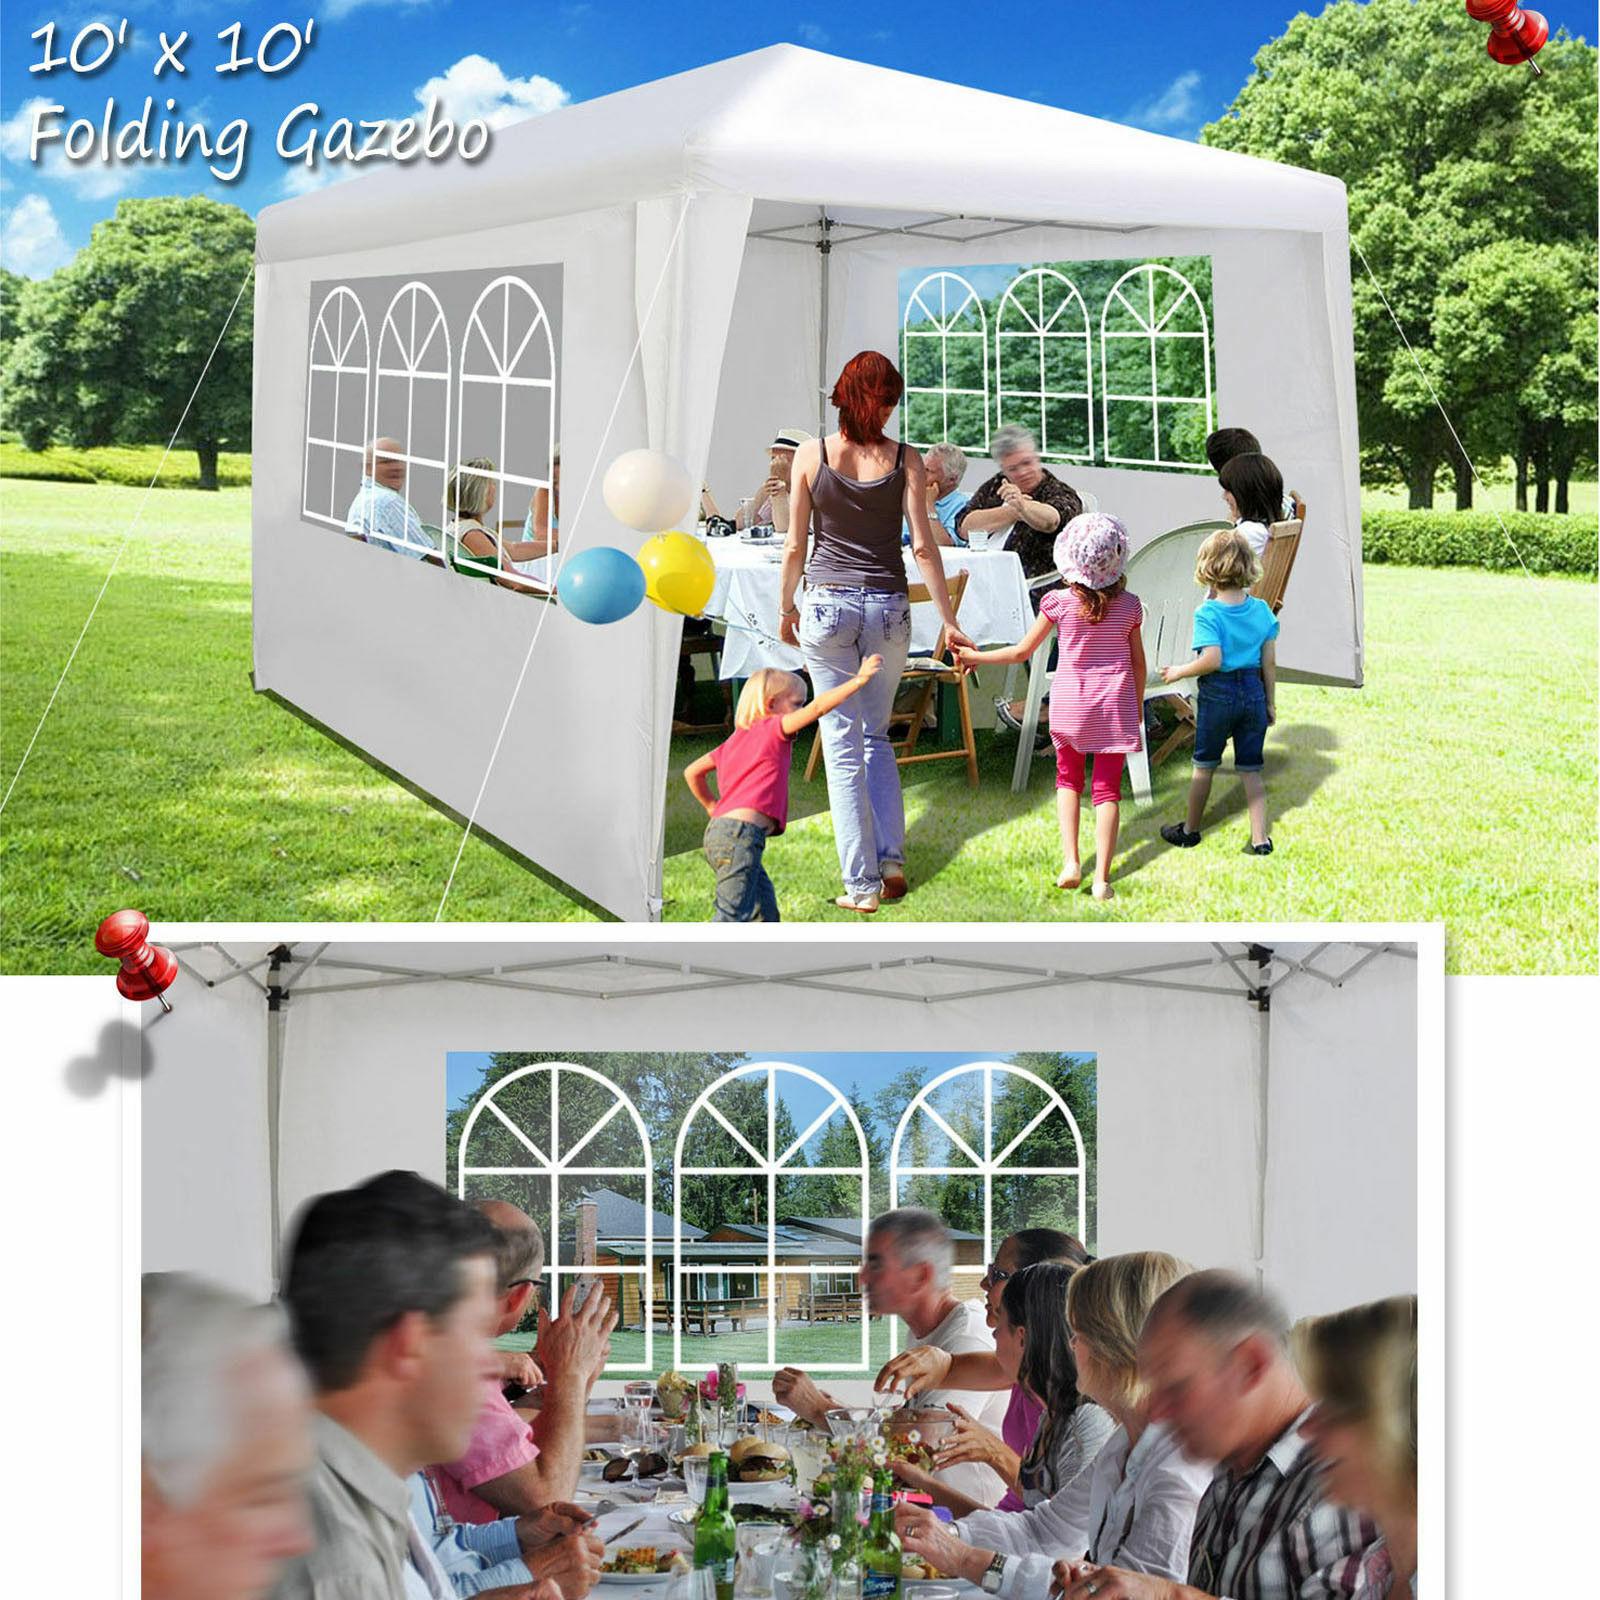 Pavillon Festzelt 4x3m 6x3m 3x3m Partyzelt Pavillion Gartenzelt Gartenzelt Gartenzelt Gartenpavillon | Spielzeug mit kindlichen Herzen herstellen  | Deutschland Shops  | Langfristiger Ruf  735d82